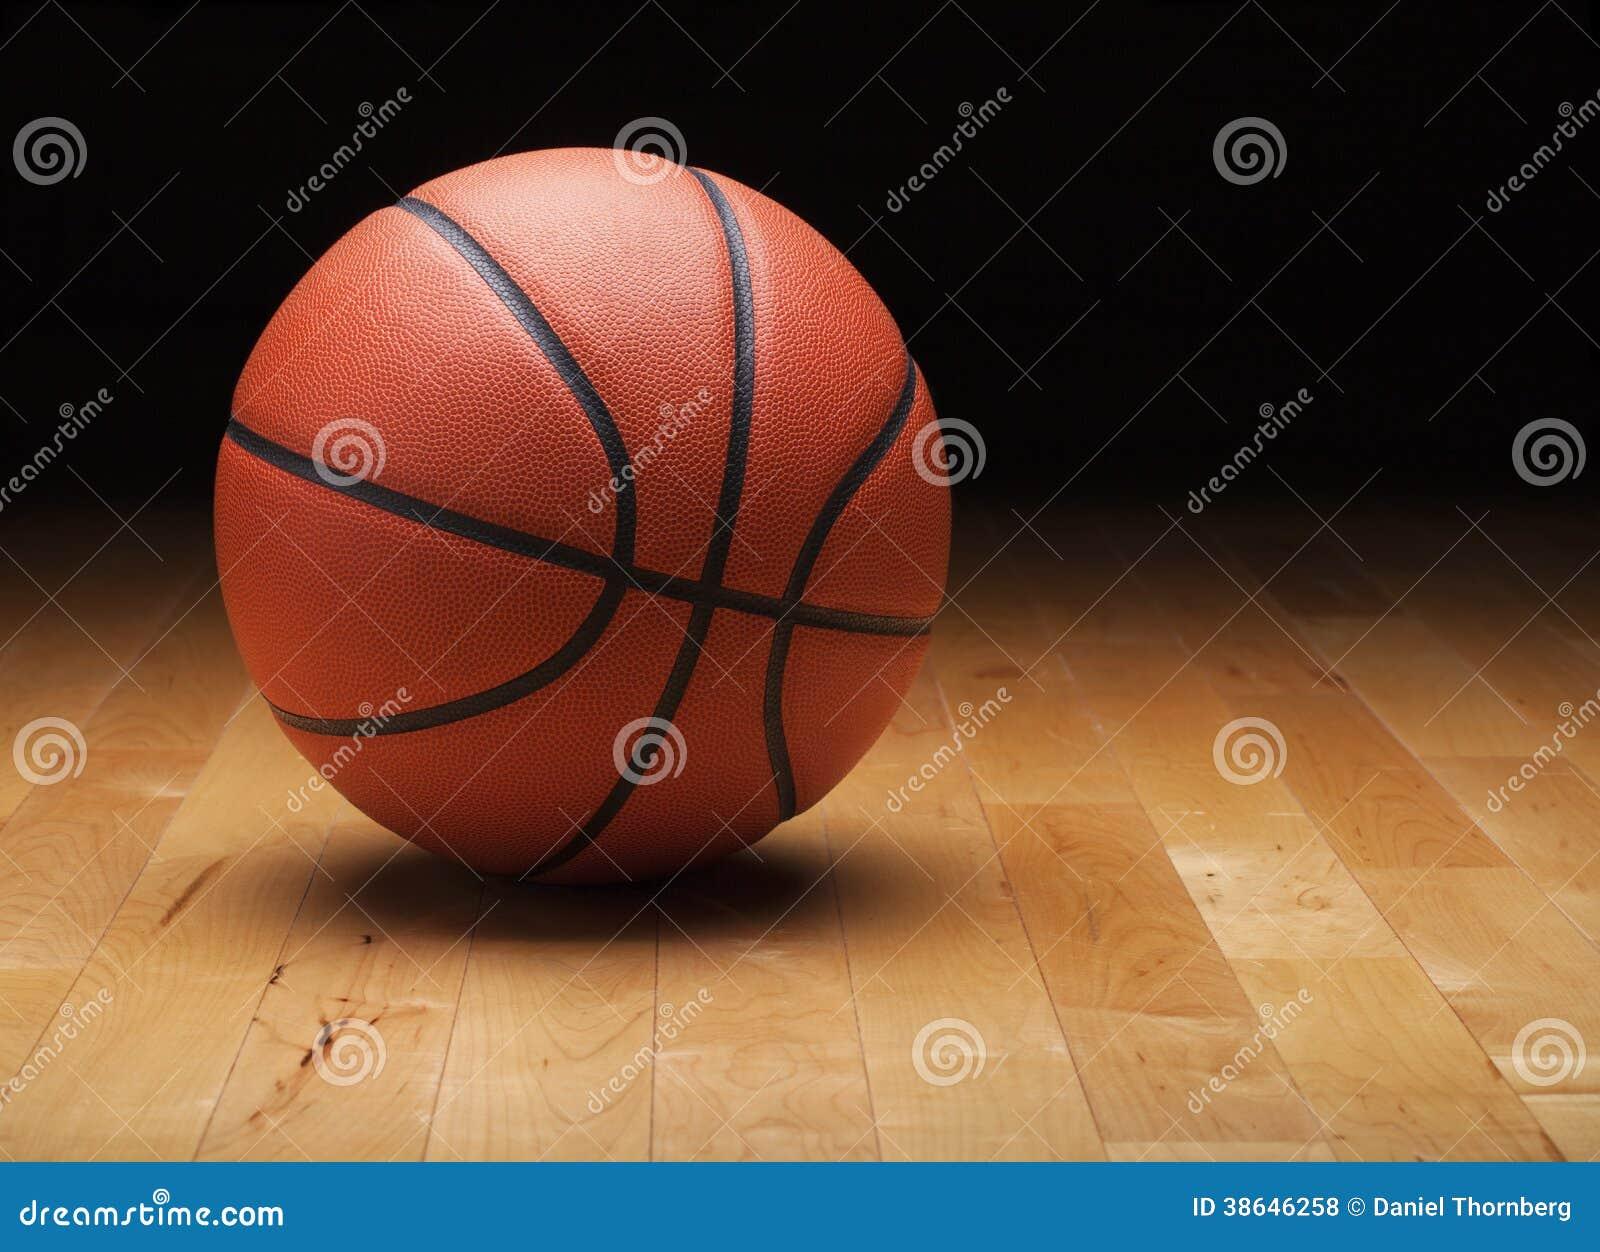 Basketball mit dunklem Hintergrund auf hölzernem Turnhallenboden